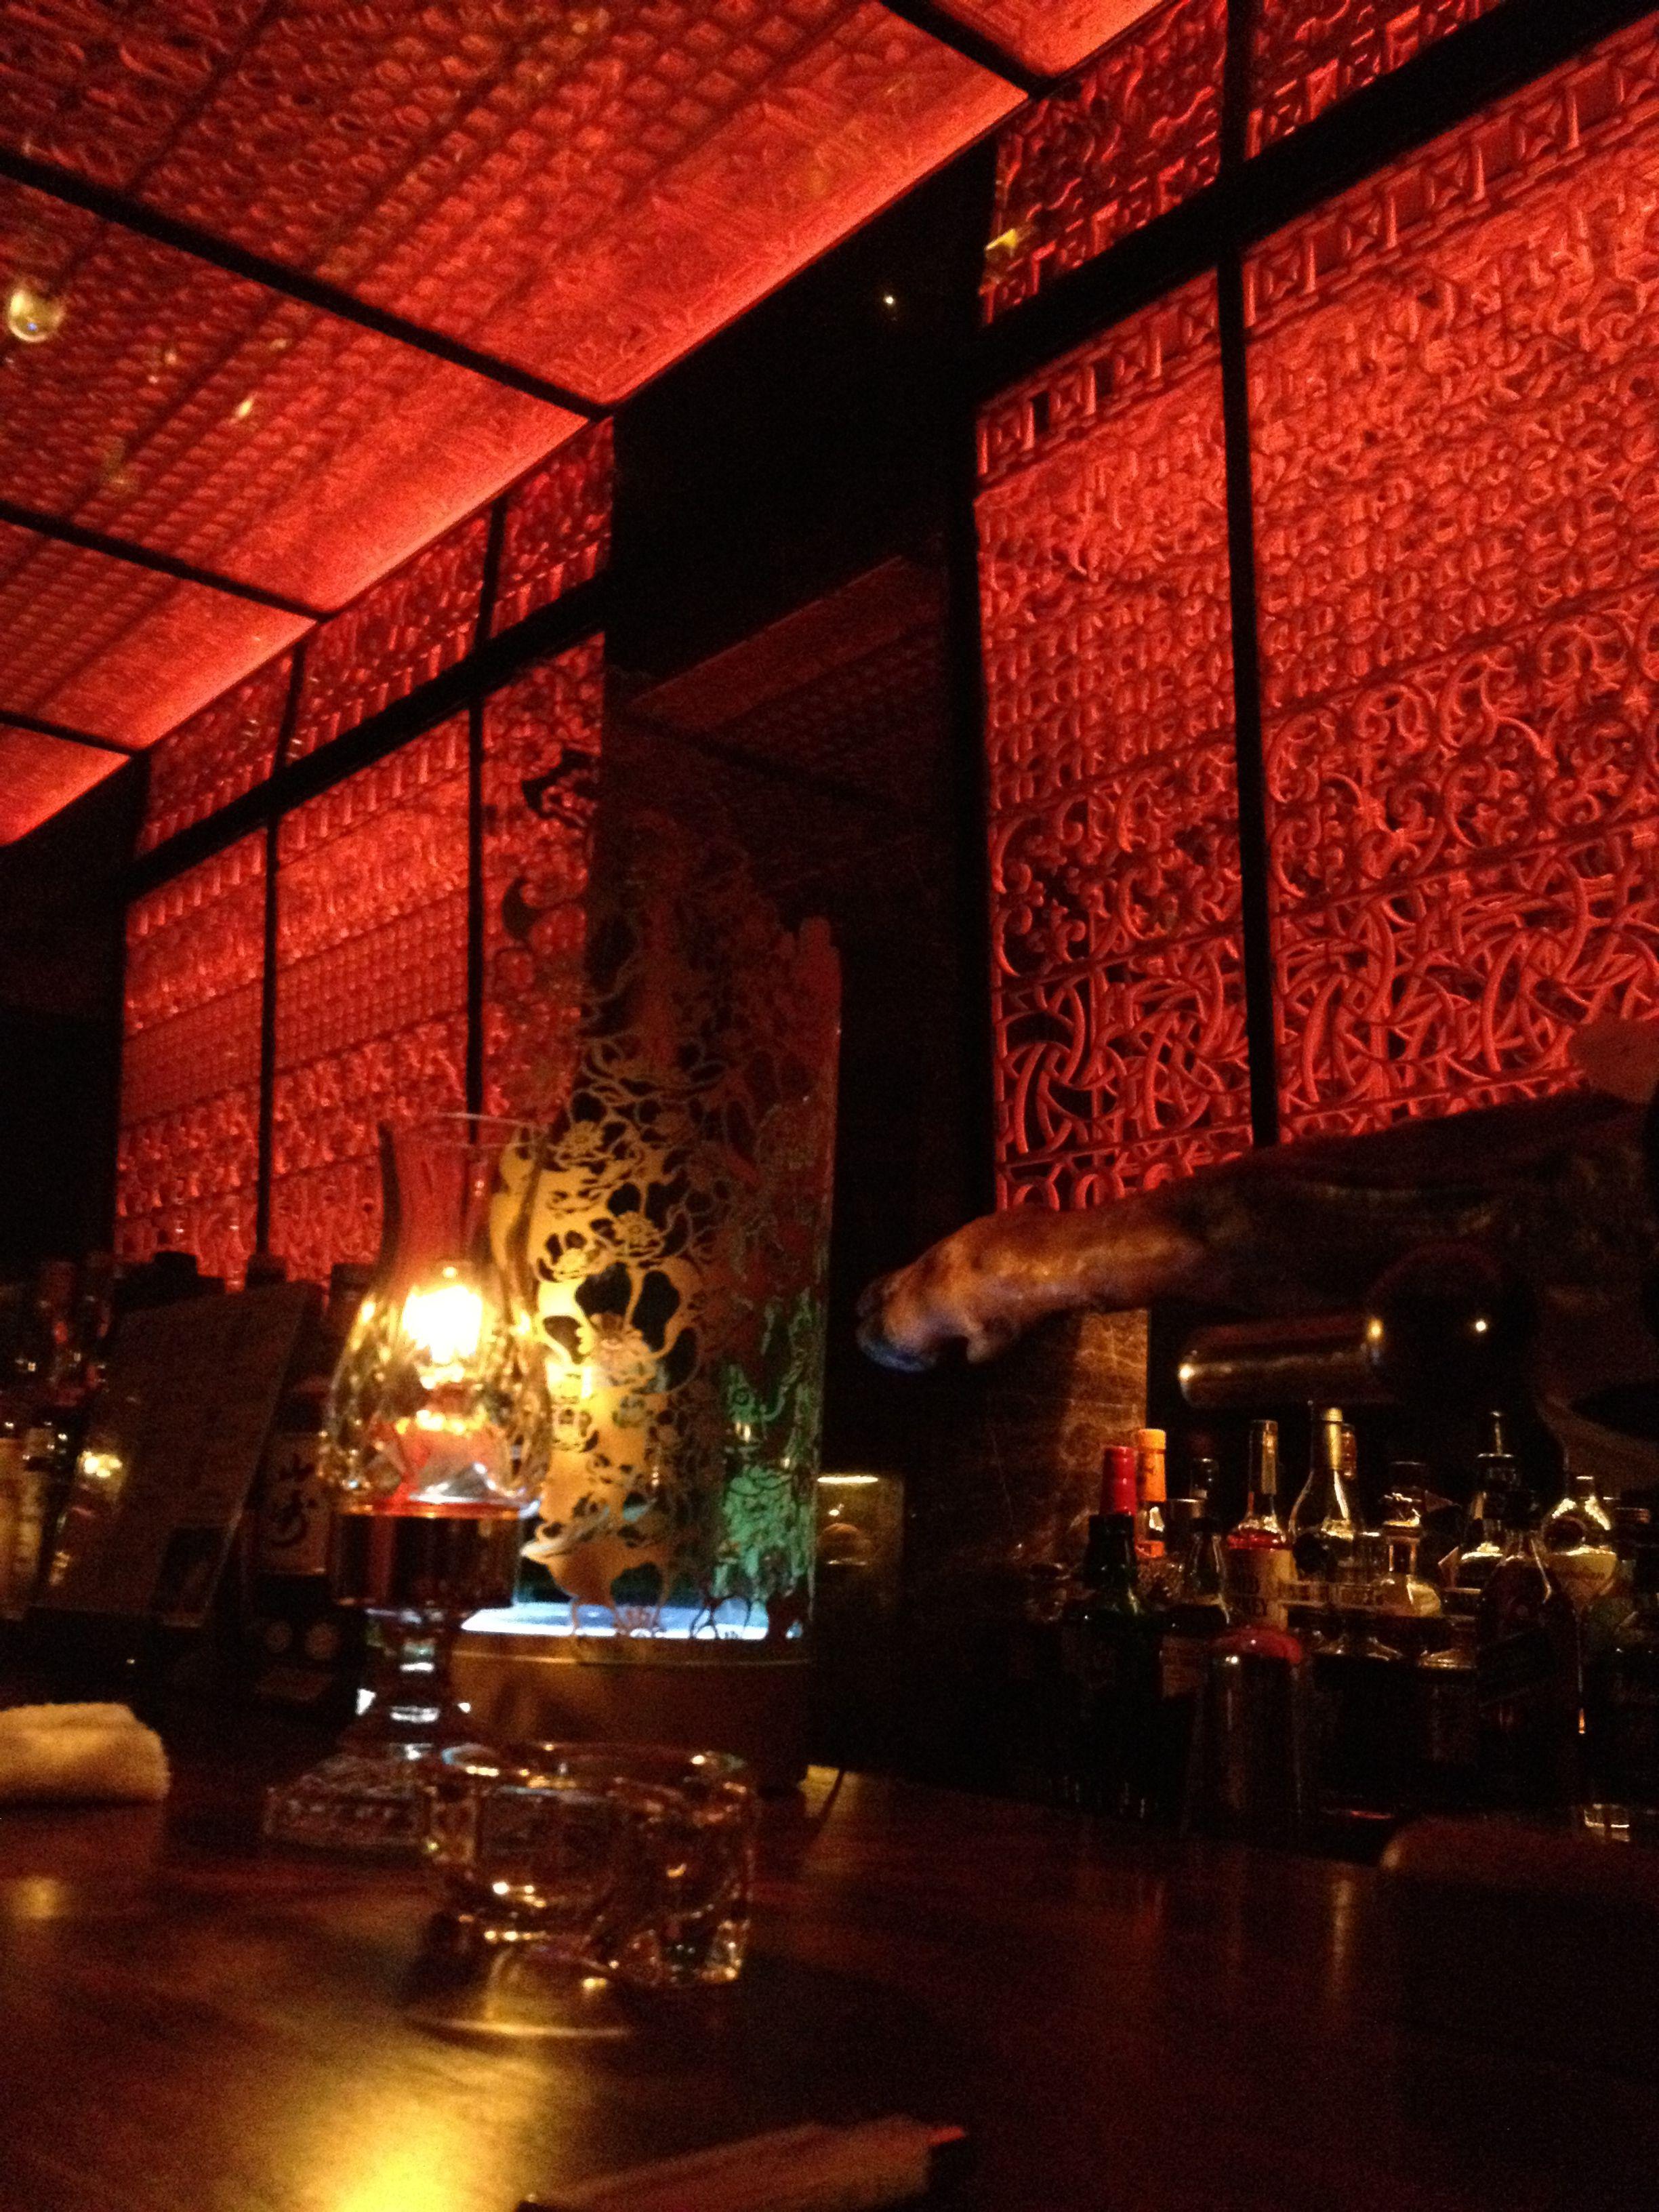 bar r 大阪市心斎橋 南に夜の繁華街のほぼ中心部に有ります 会員